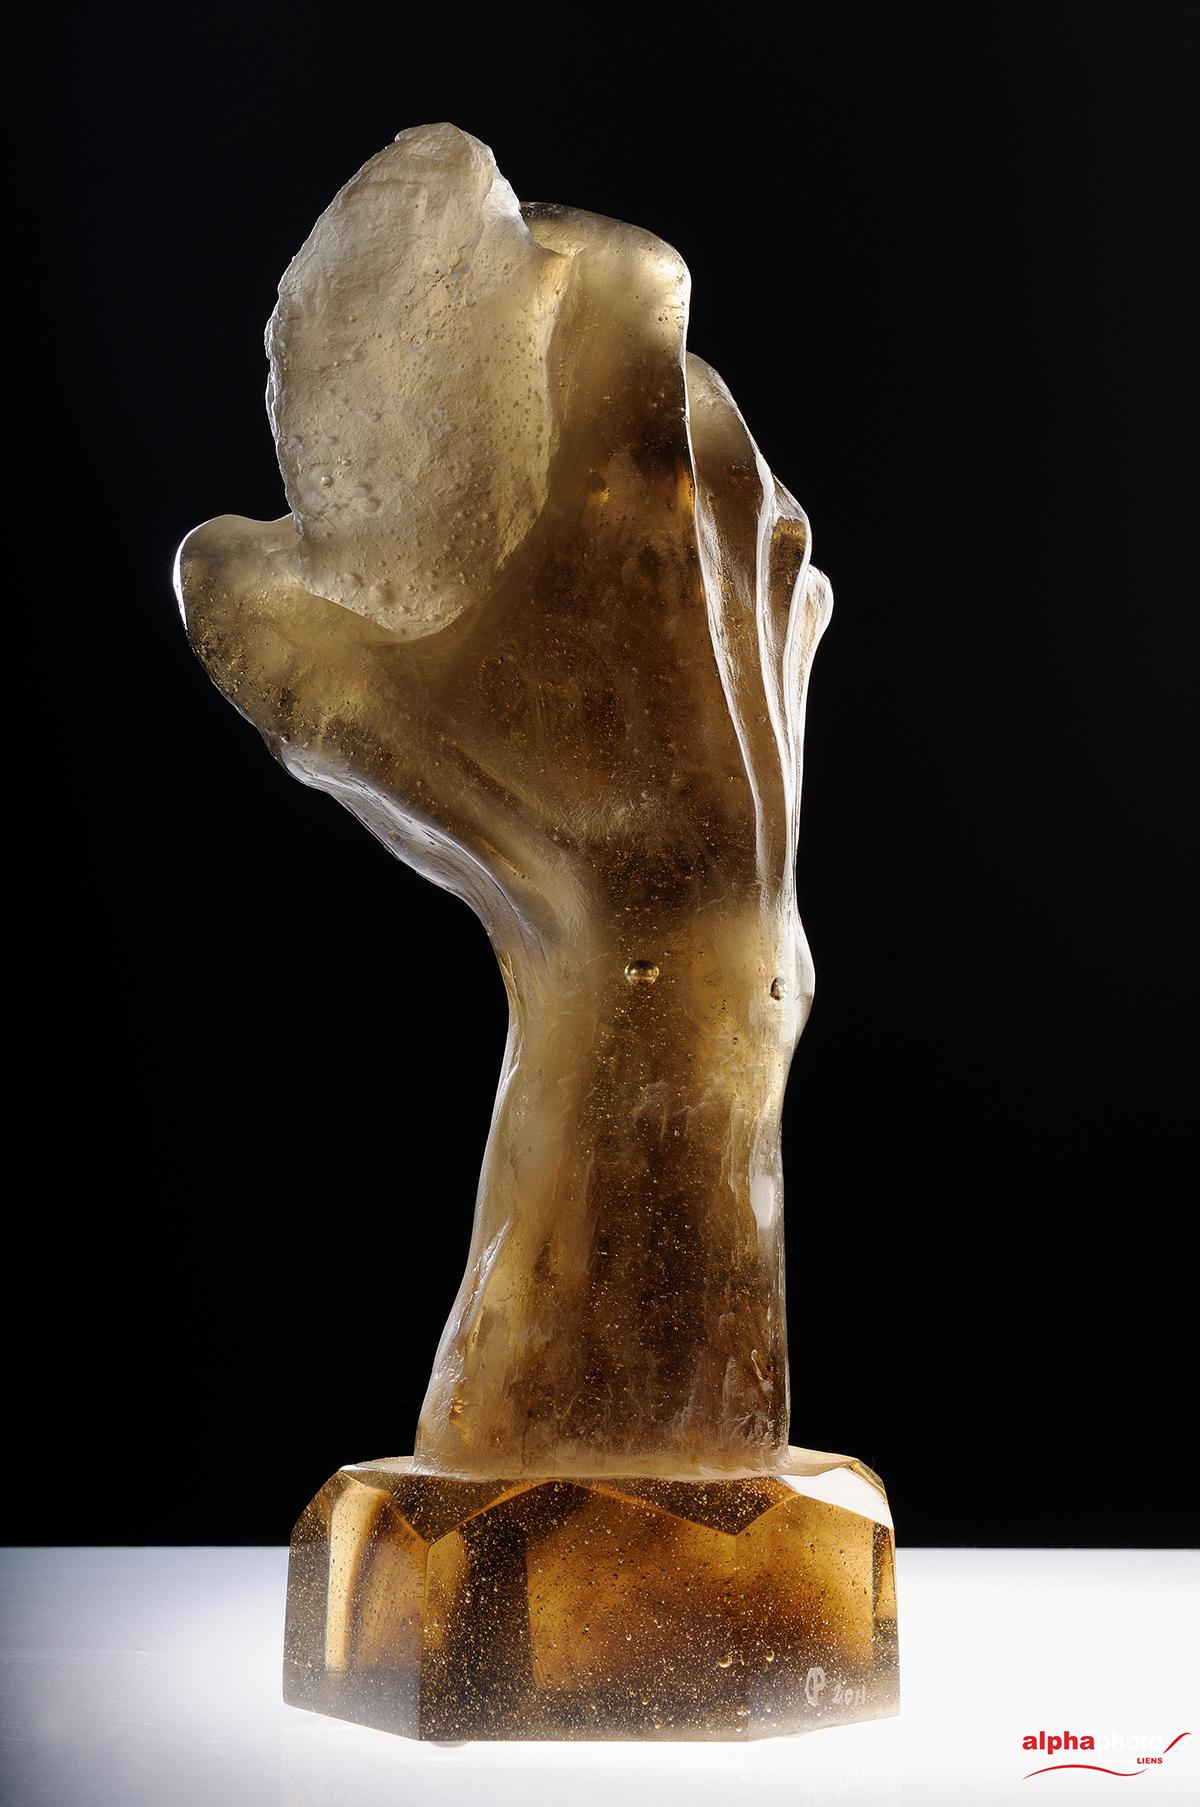 Bienvenue - Sculpture de Patrick CHALAND